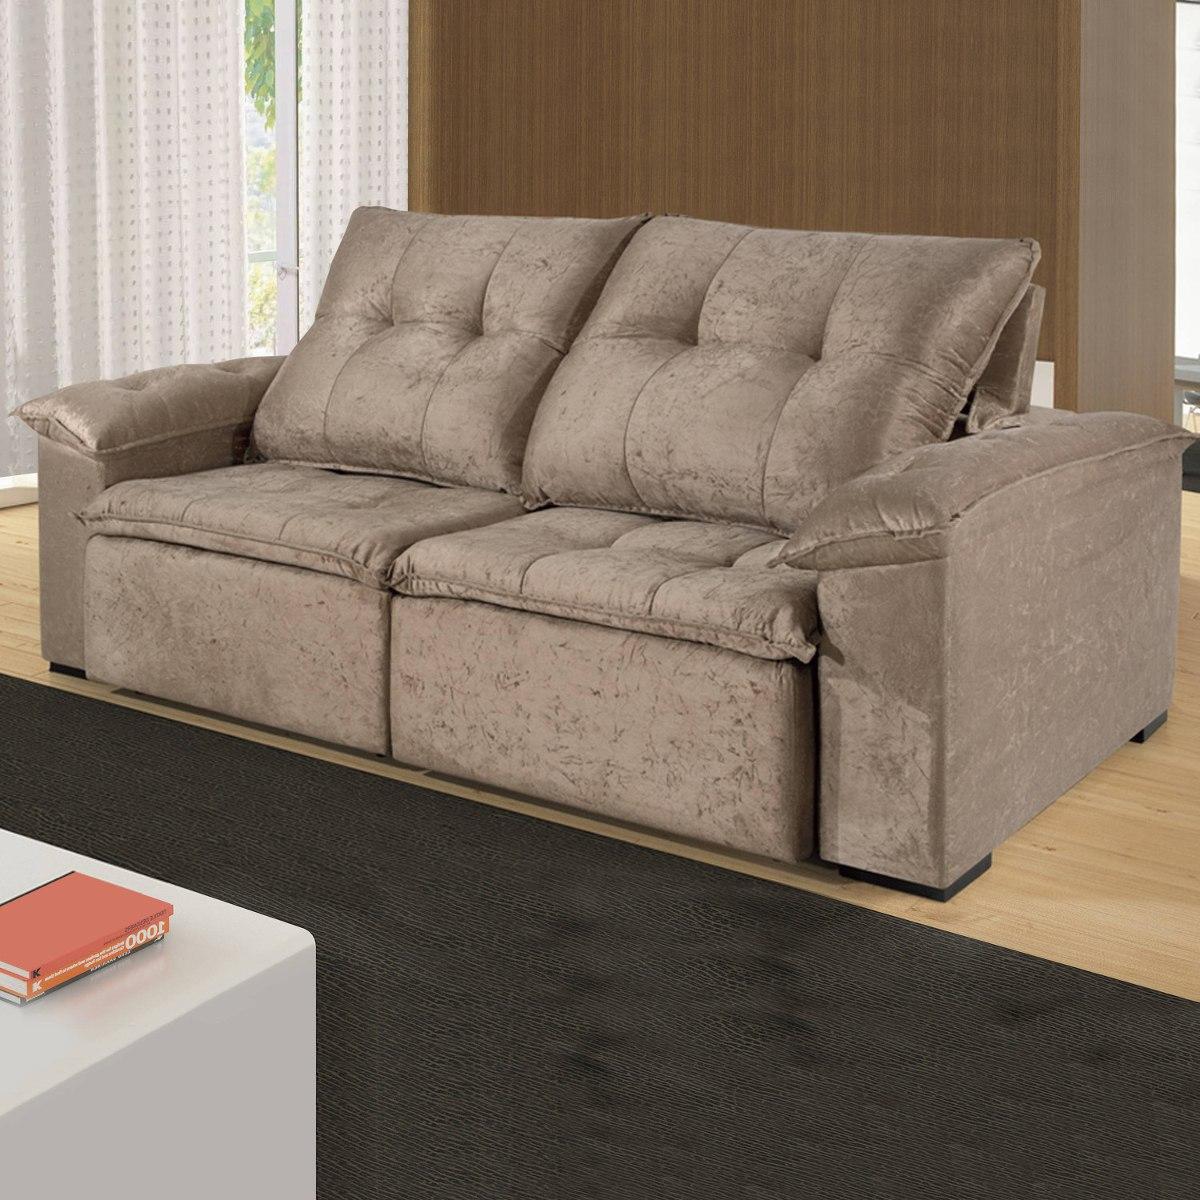 Sofa Retratil E Reclinavel 2 Lugares Karla Bh R 2 899 90 Em Mercado Livre